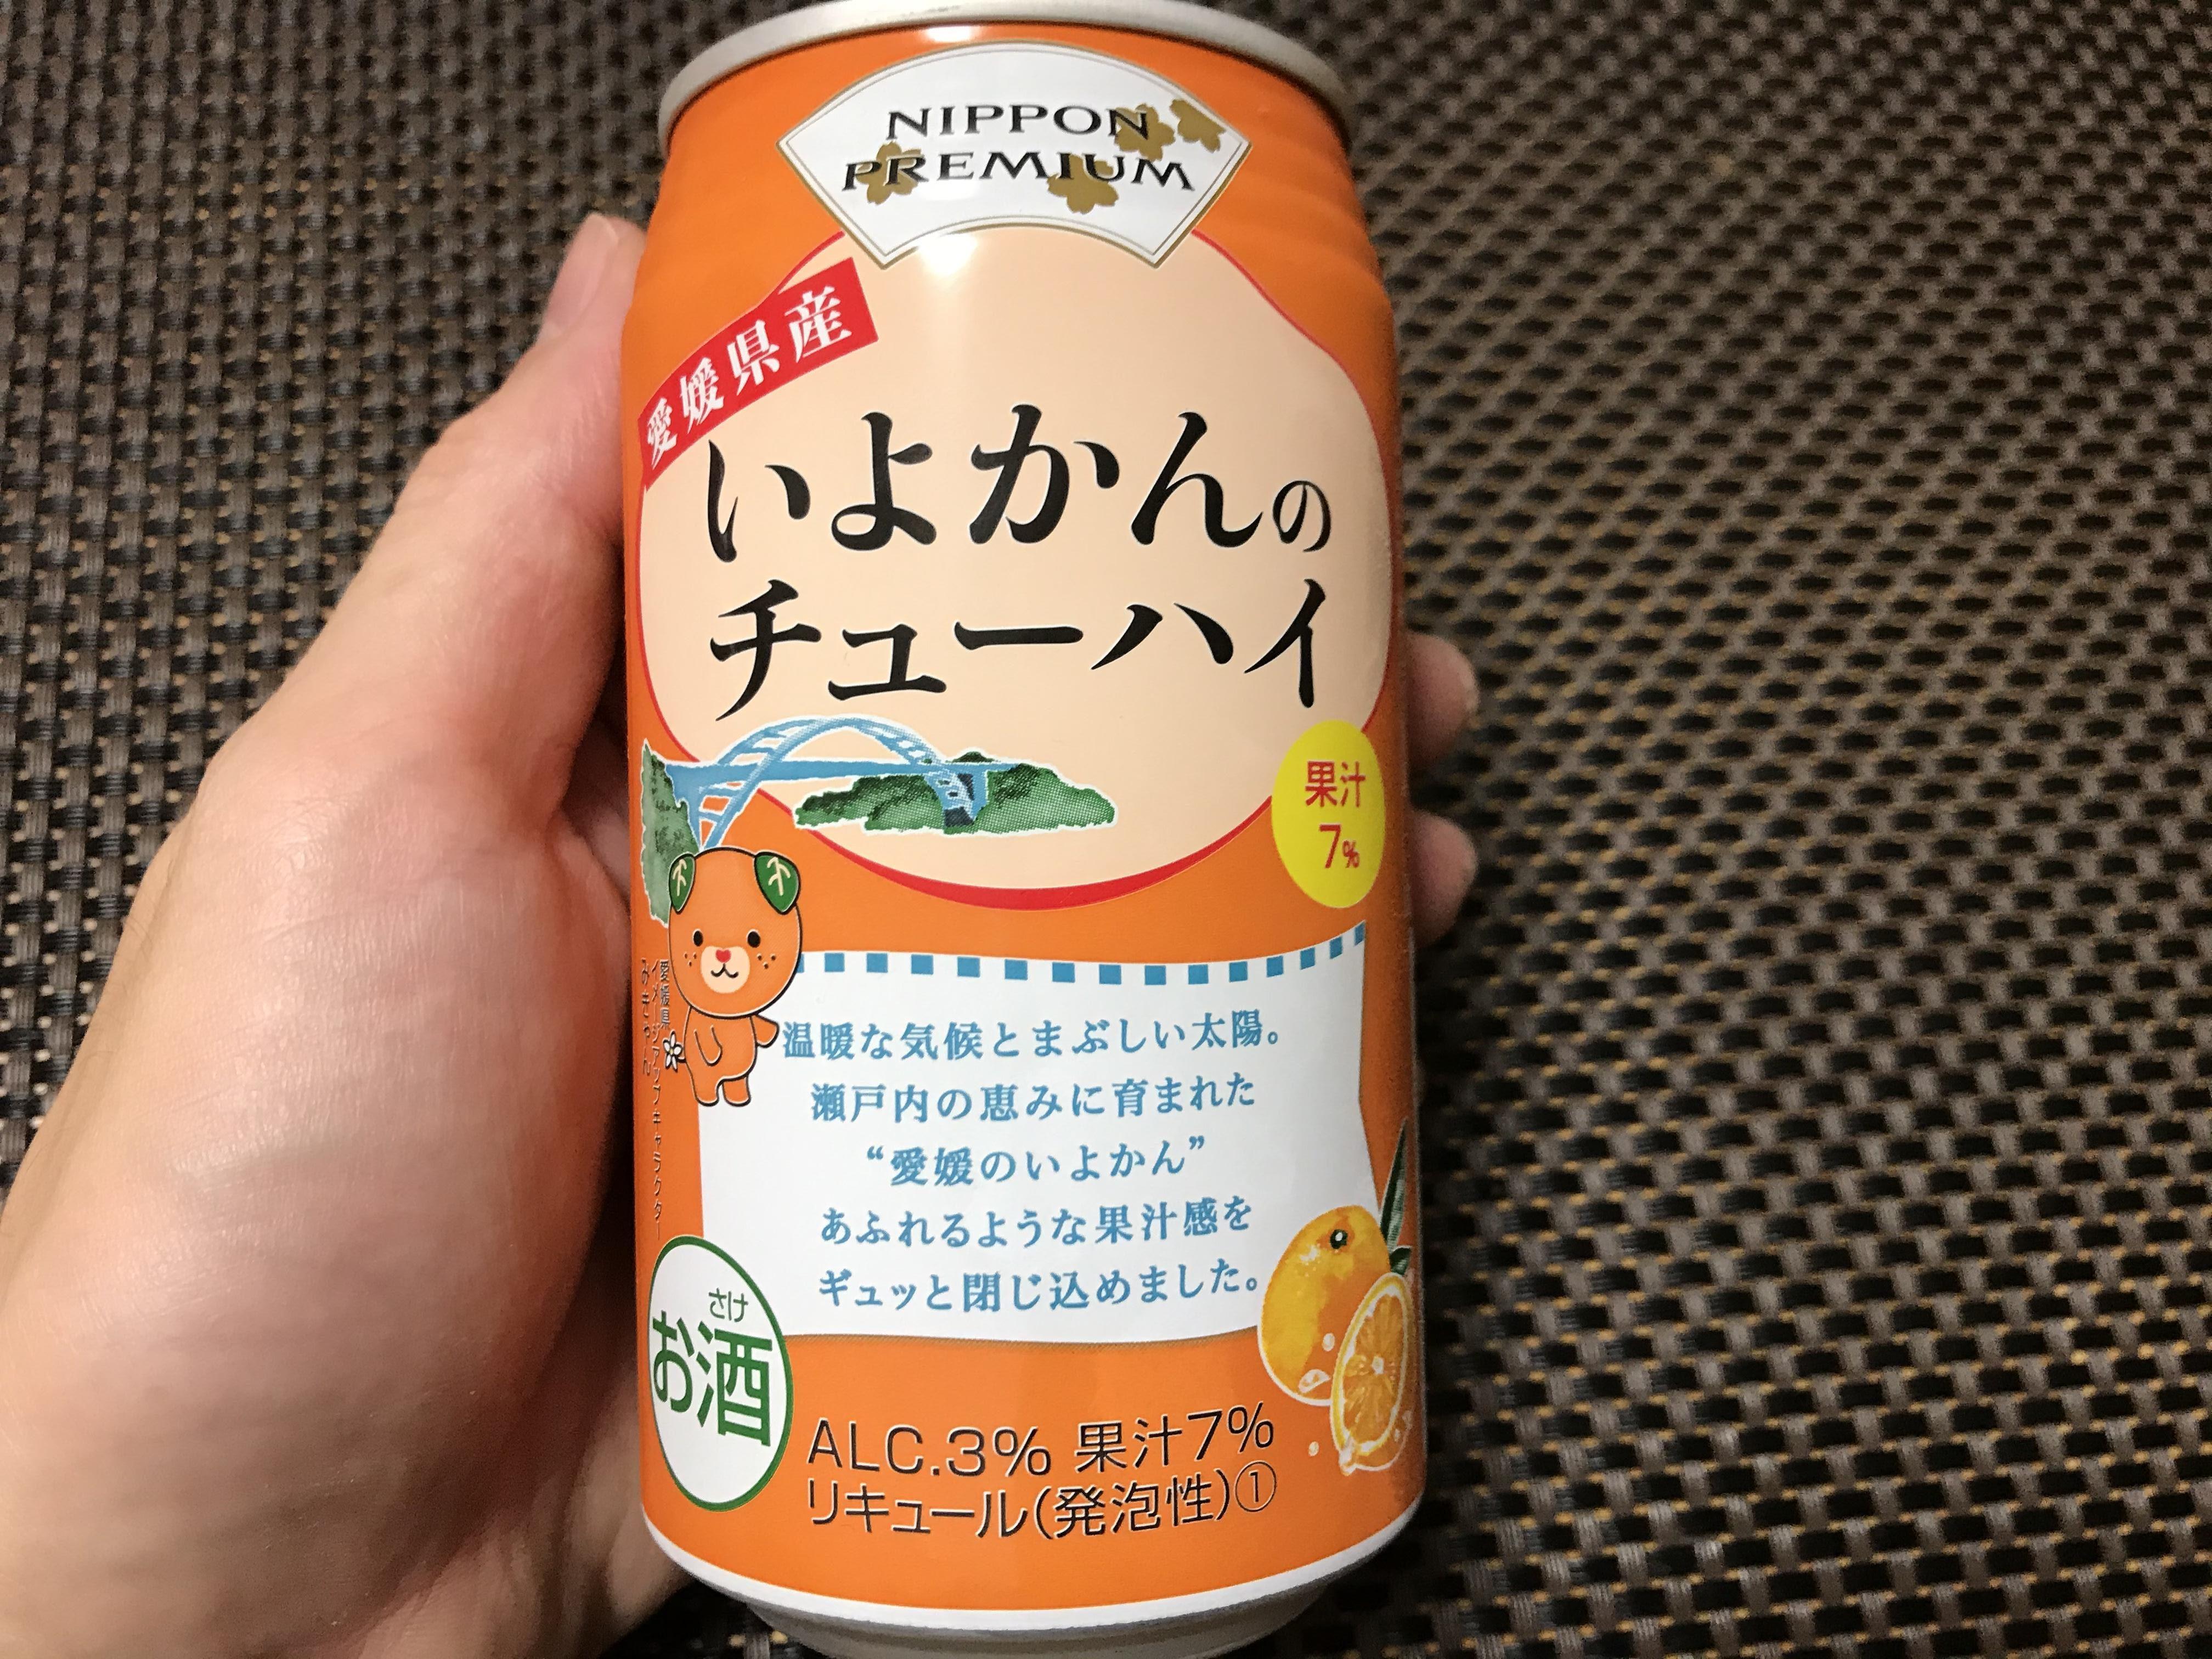 いよかんのチューハイ「NIPPON PREMIUM」を生粋の愛媛県人が飲んでみたよ!